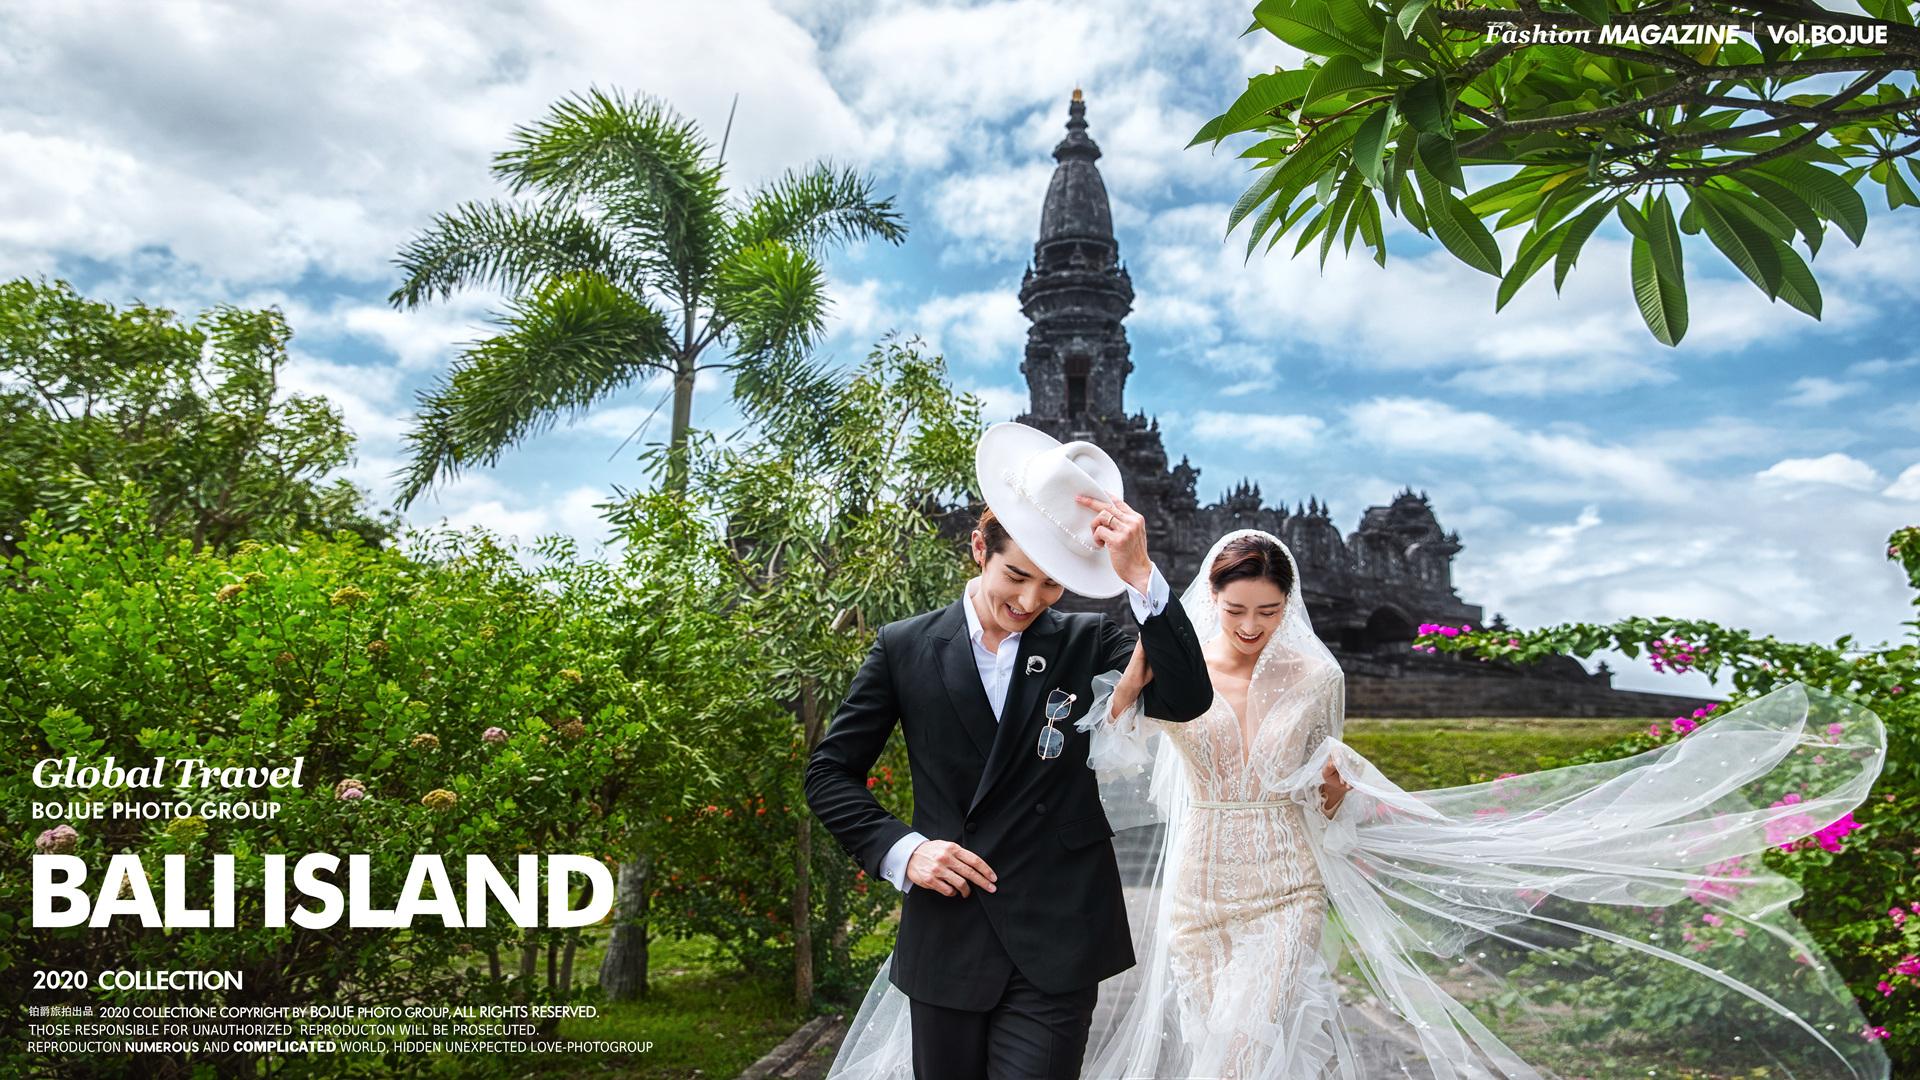 巴厘岛婚纱照 2021巴厘岛拍婚纱照价格行情是怎样的 有哪些注意事项